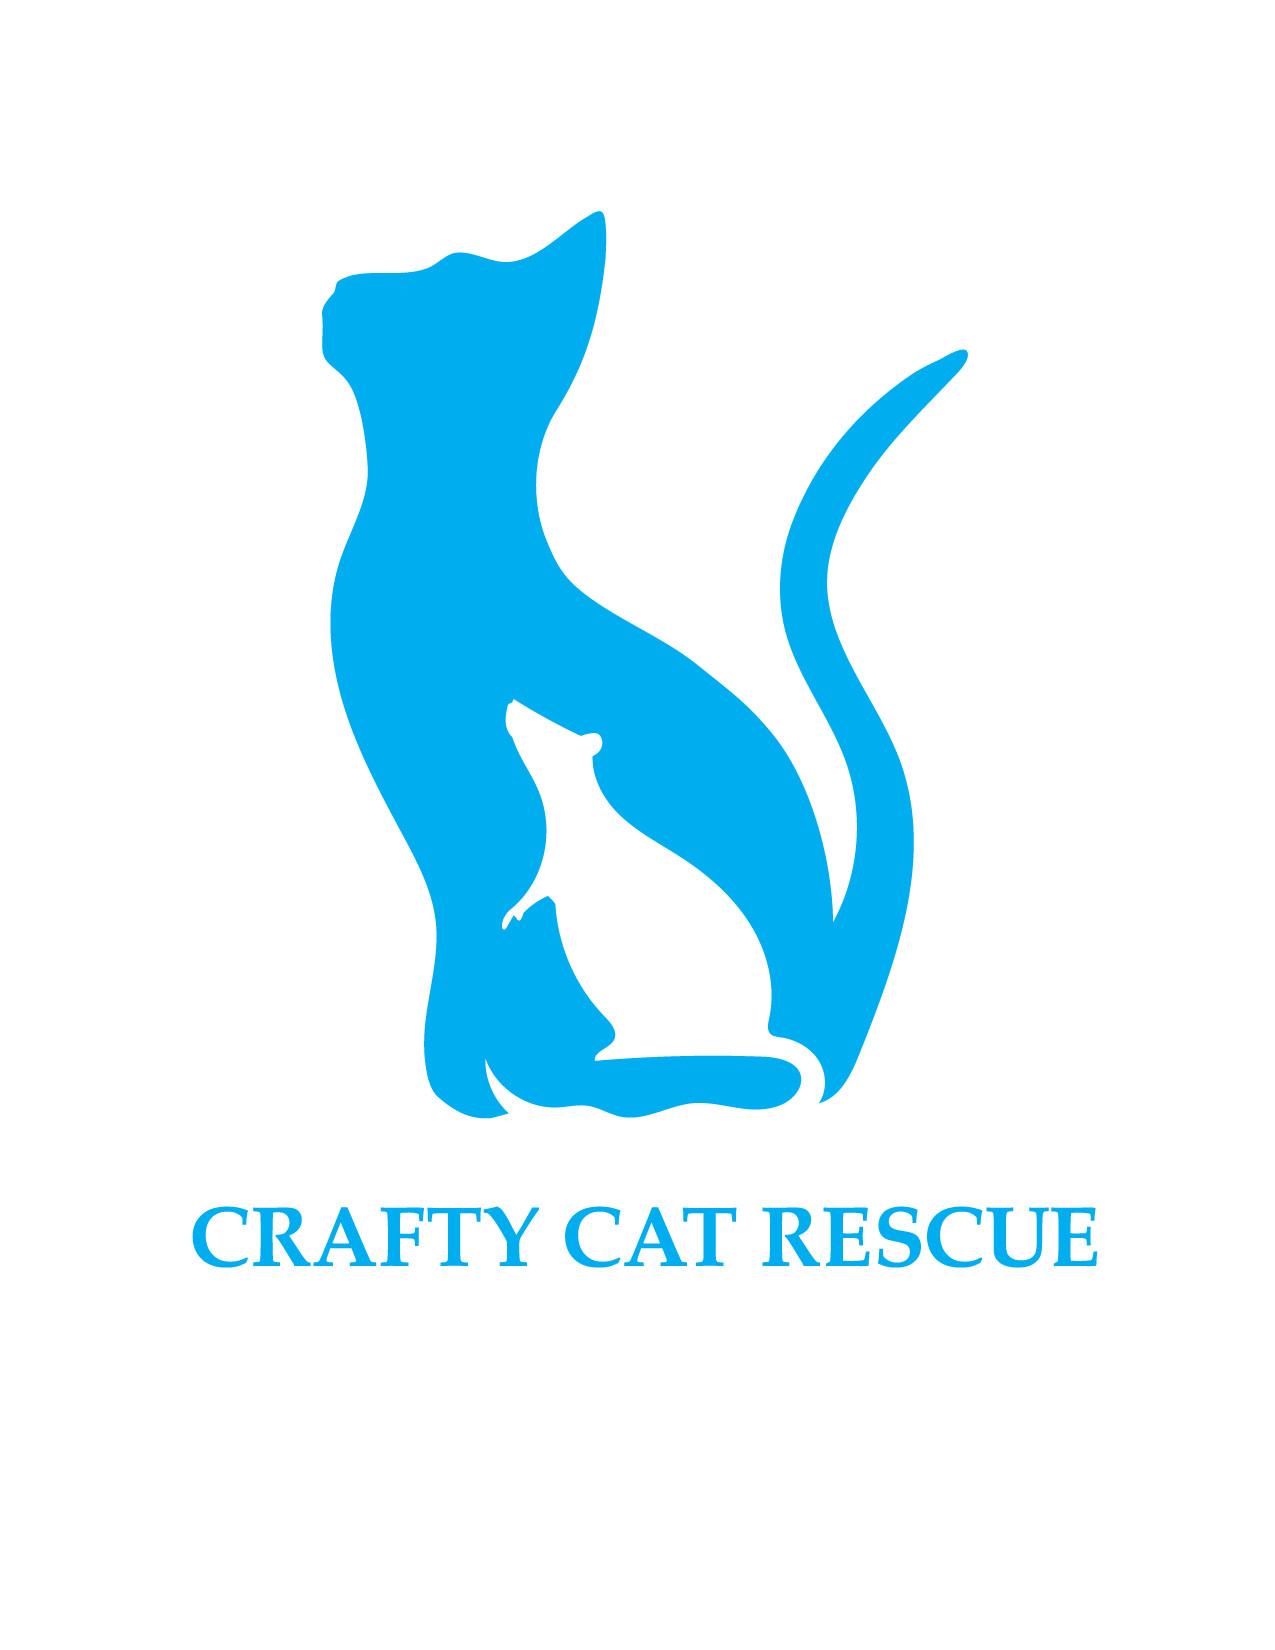 Crafty Cat Rescue